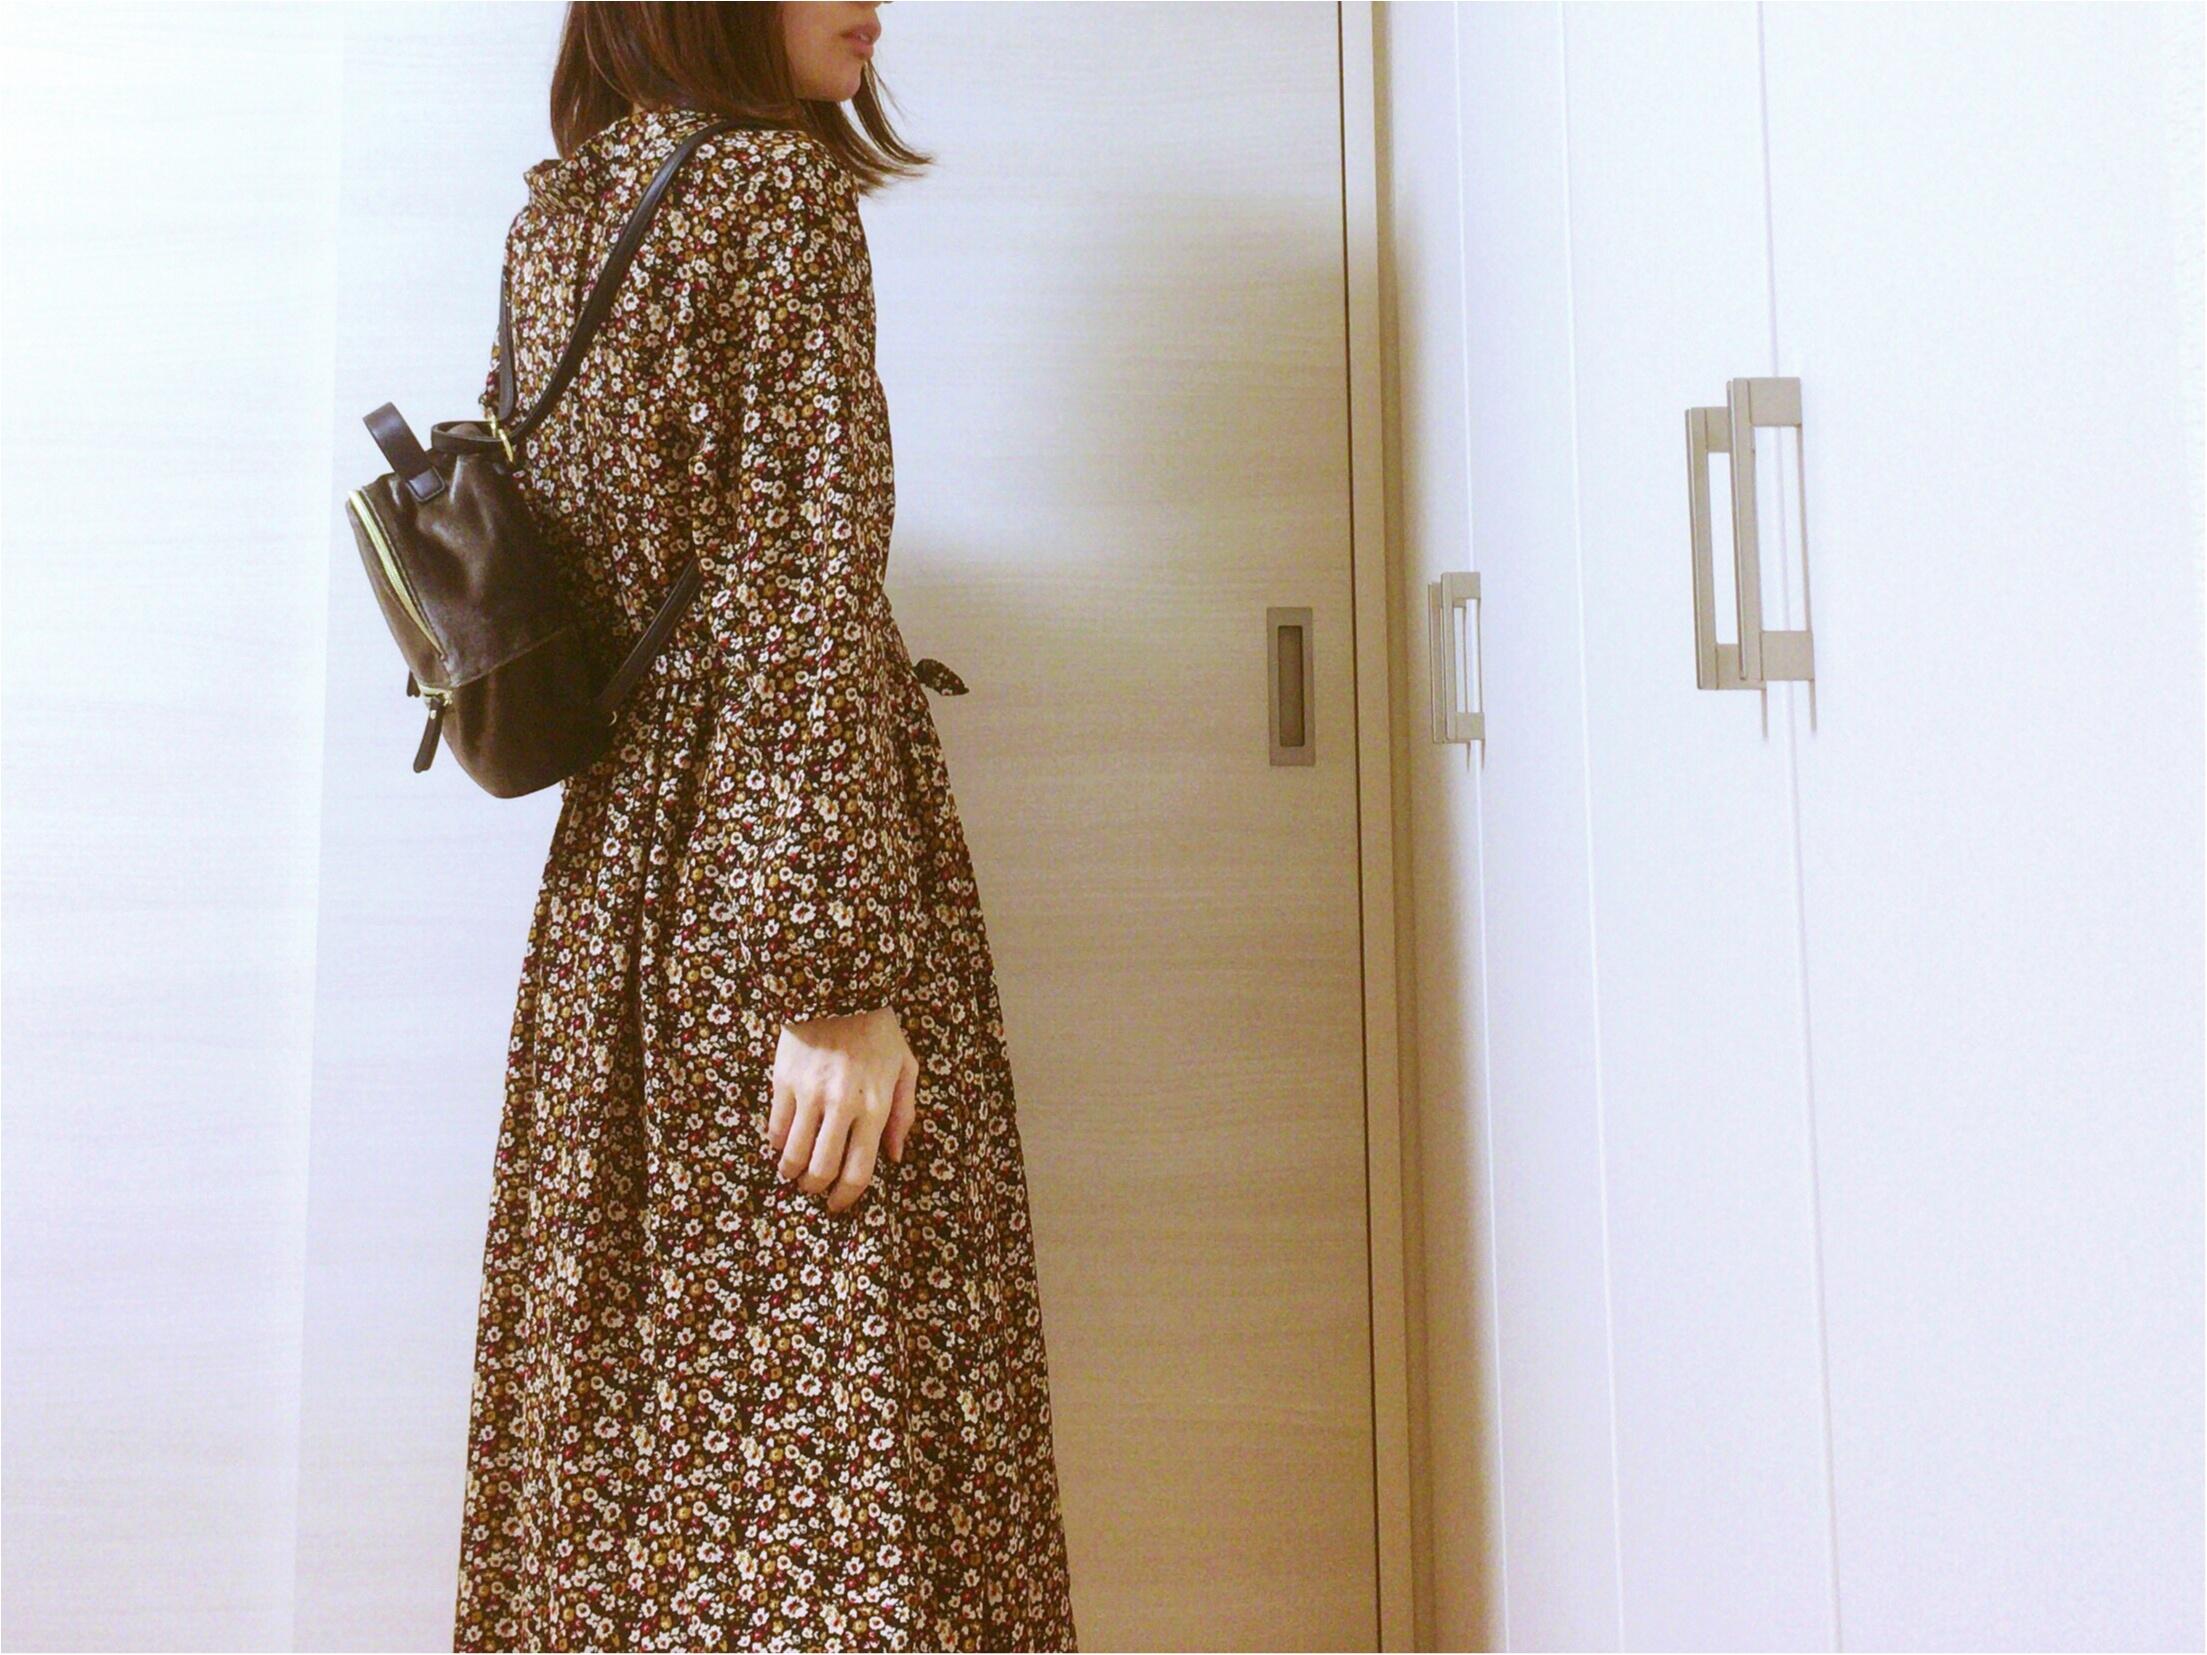 《Honeys》ヴィンテージ風花柄ワンピース【秋冬ファッション】プリプラ楽チンで!可愛いのんGET♡_5